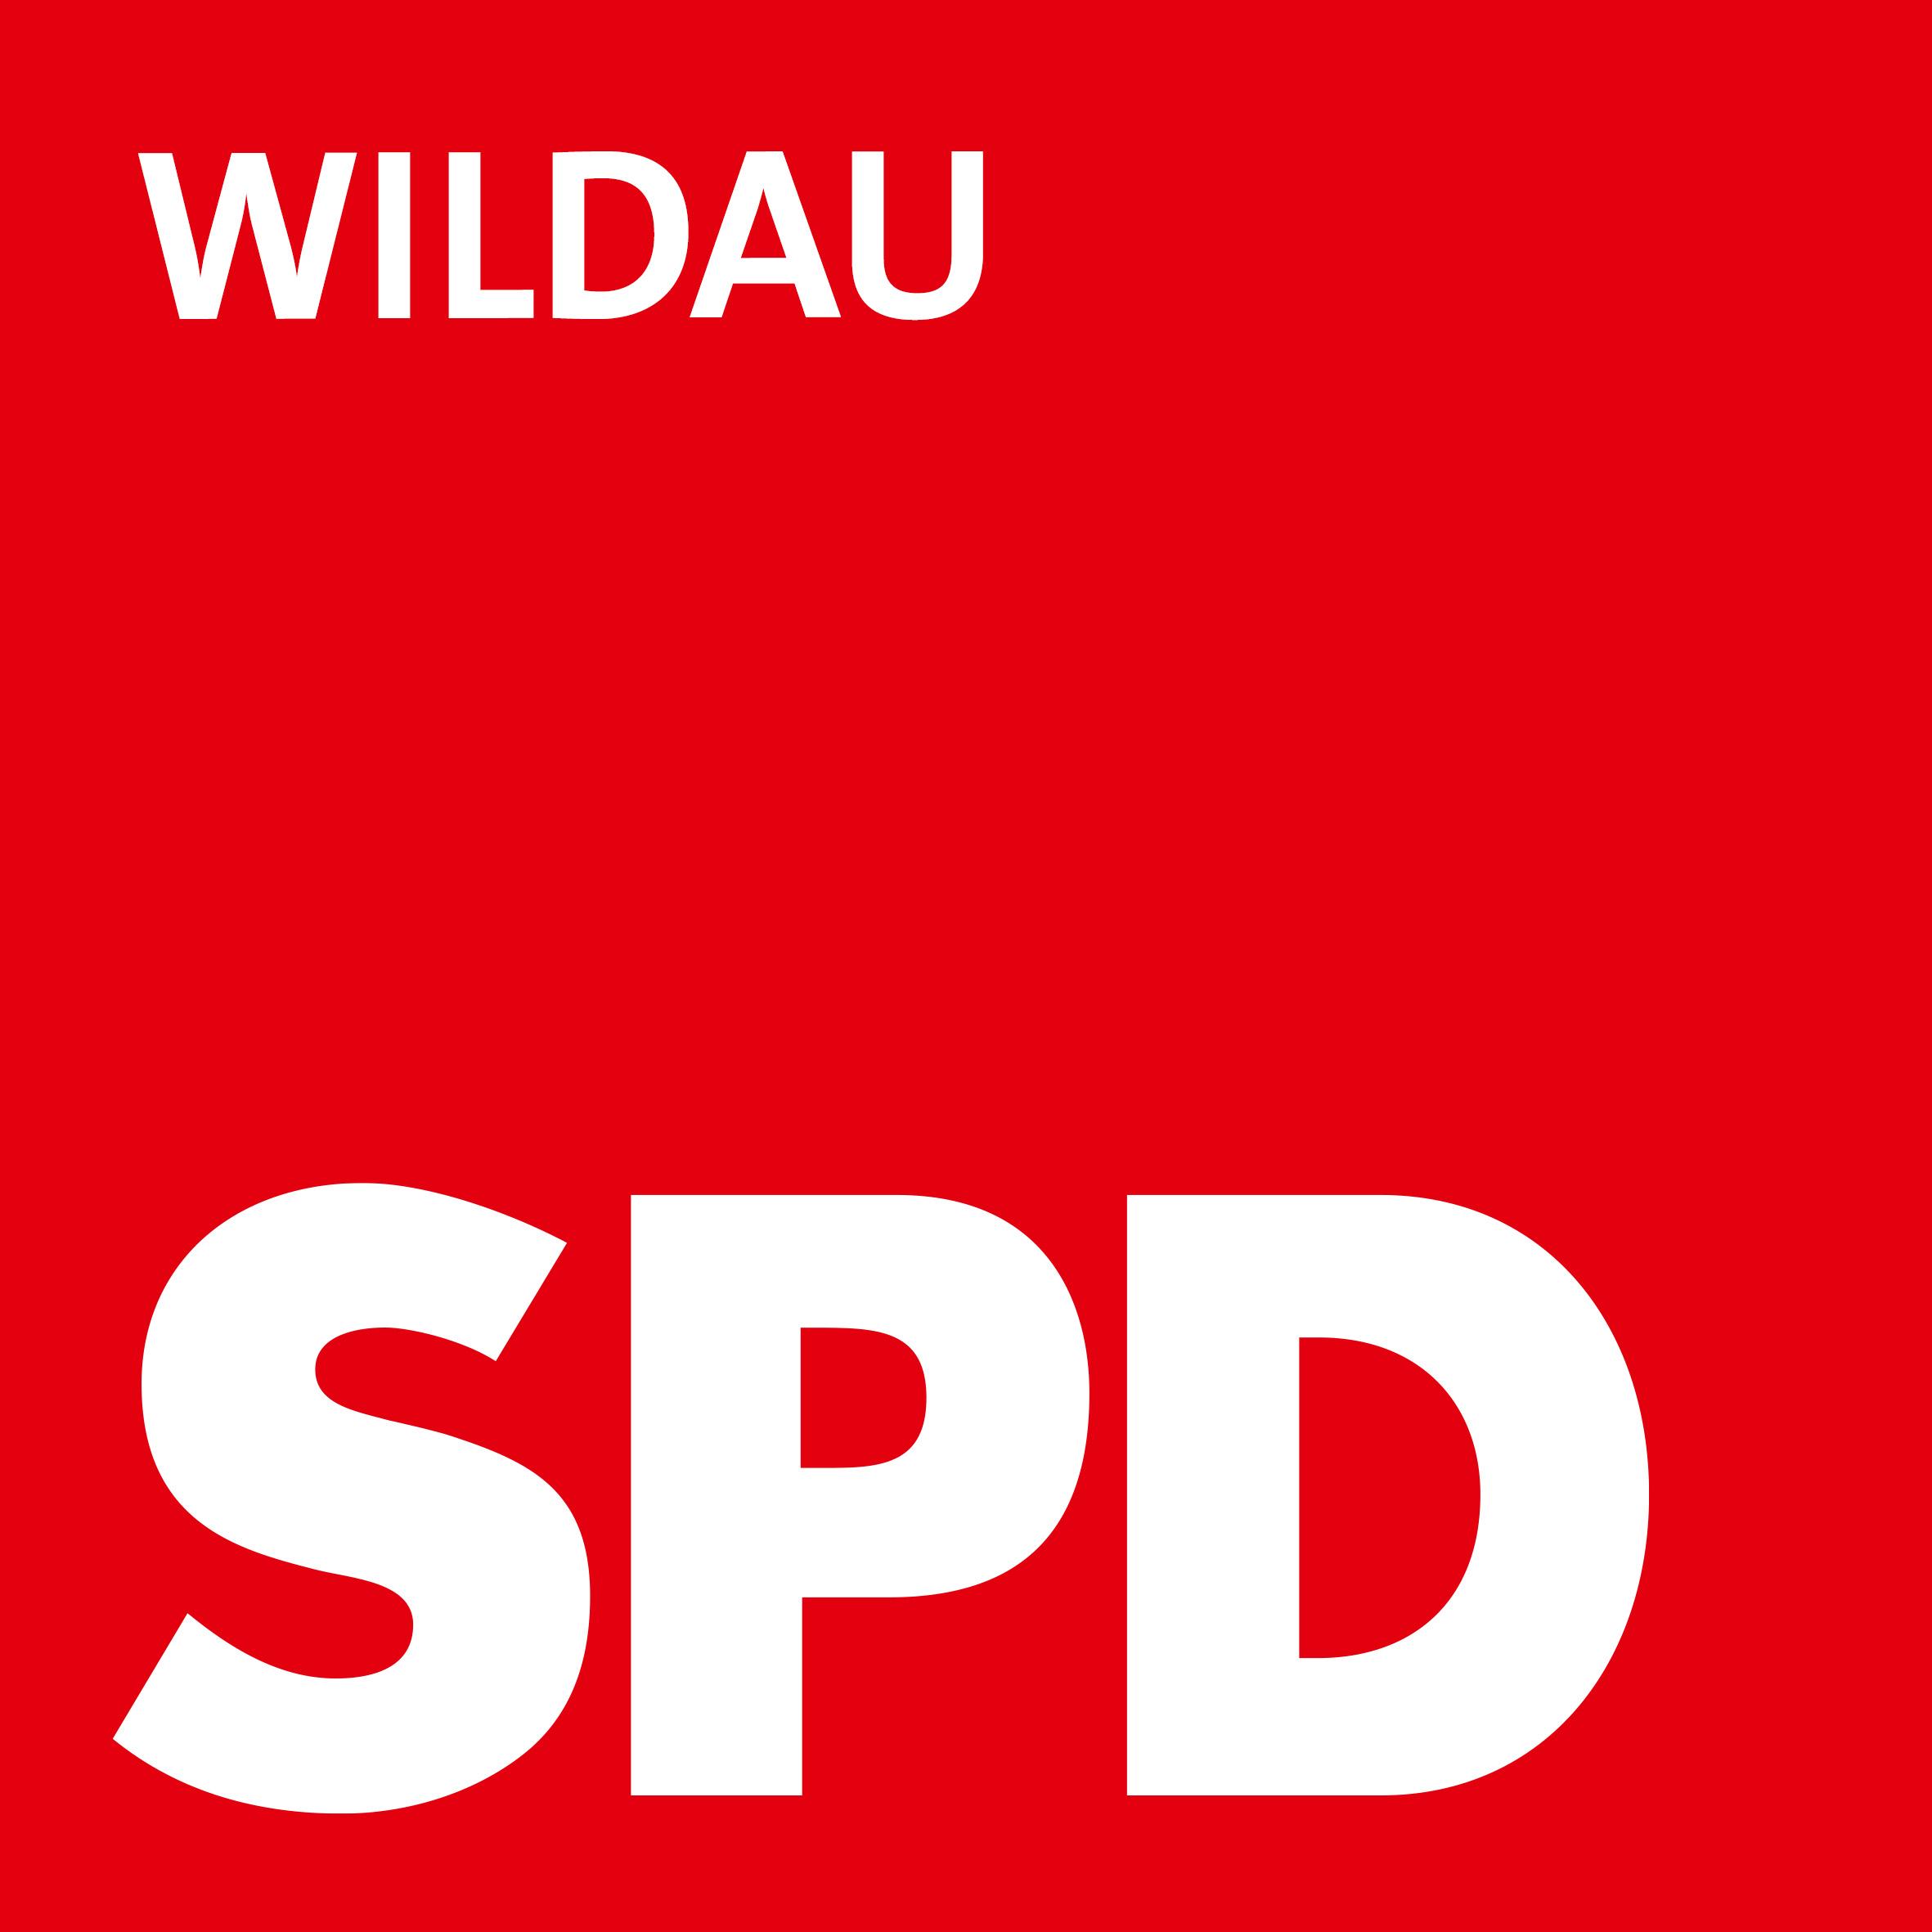 SPD Wildau